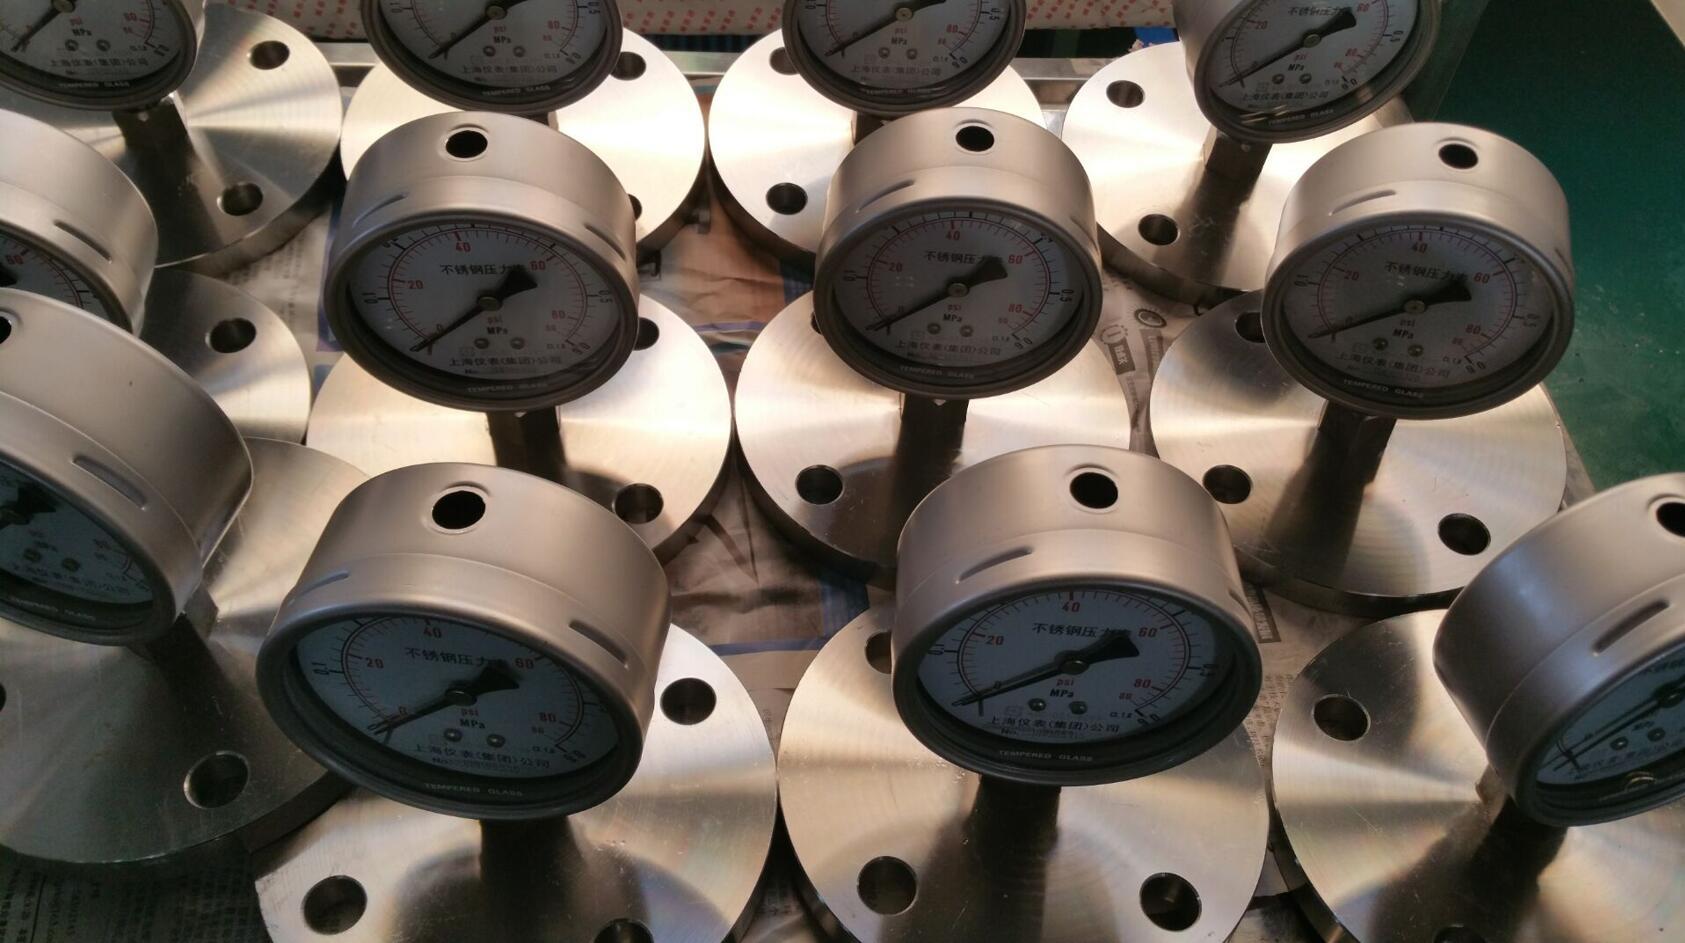 隔膜压力表供应商-上海上仪专业隔膜压力表厂家